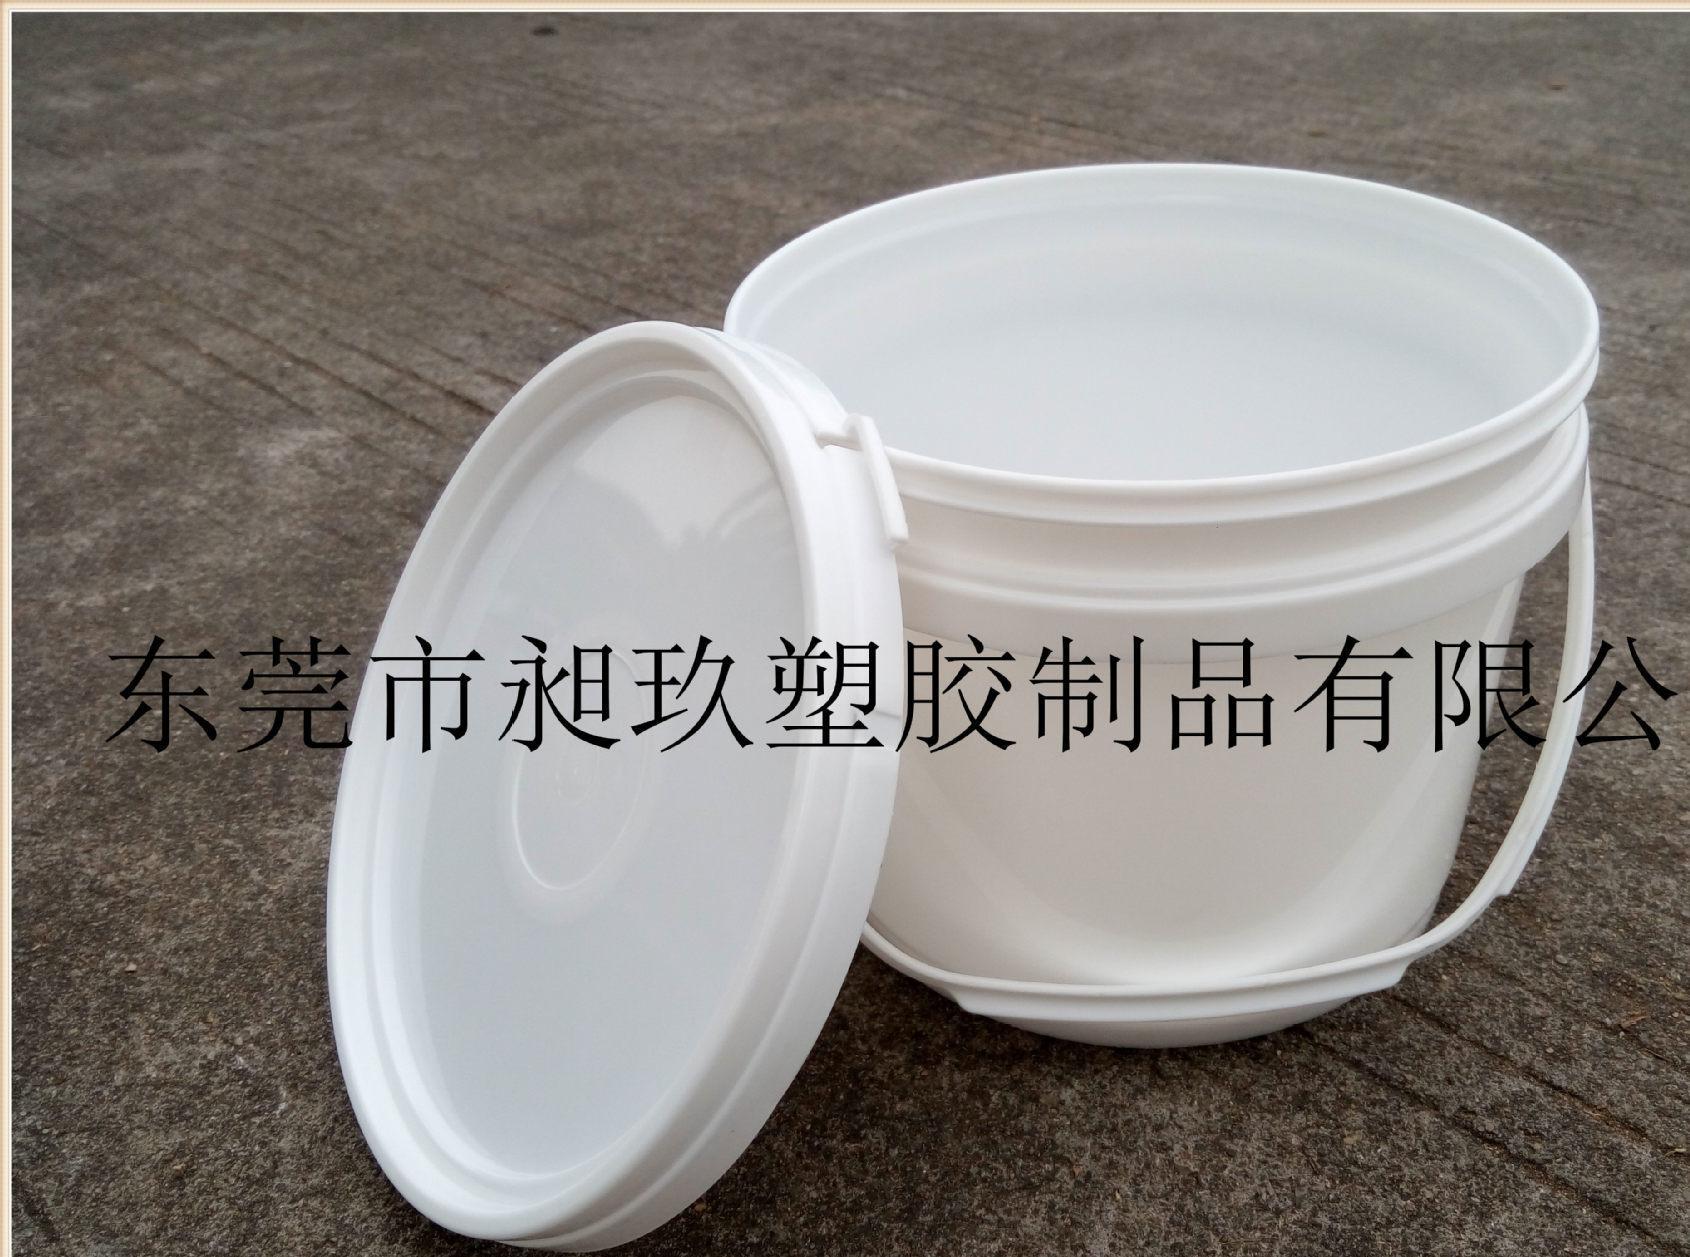 全新料3L塑料桶/建材桶涂料桶/粘合剂化工桶/洗衣粉桶样品桶